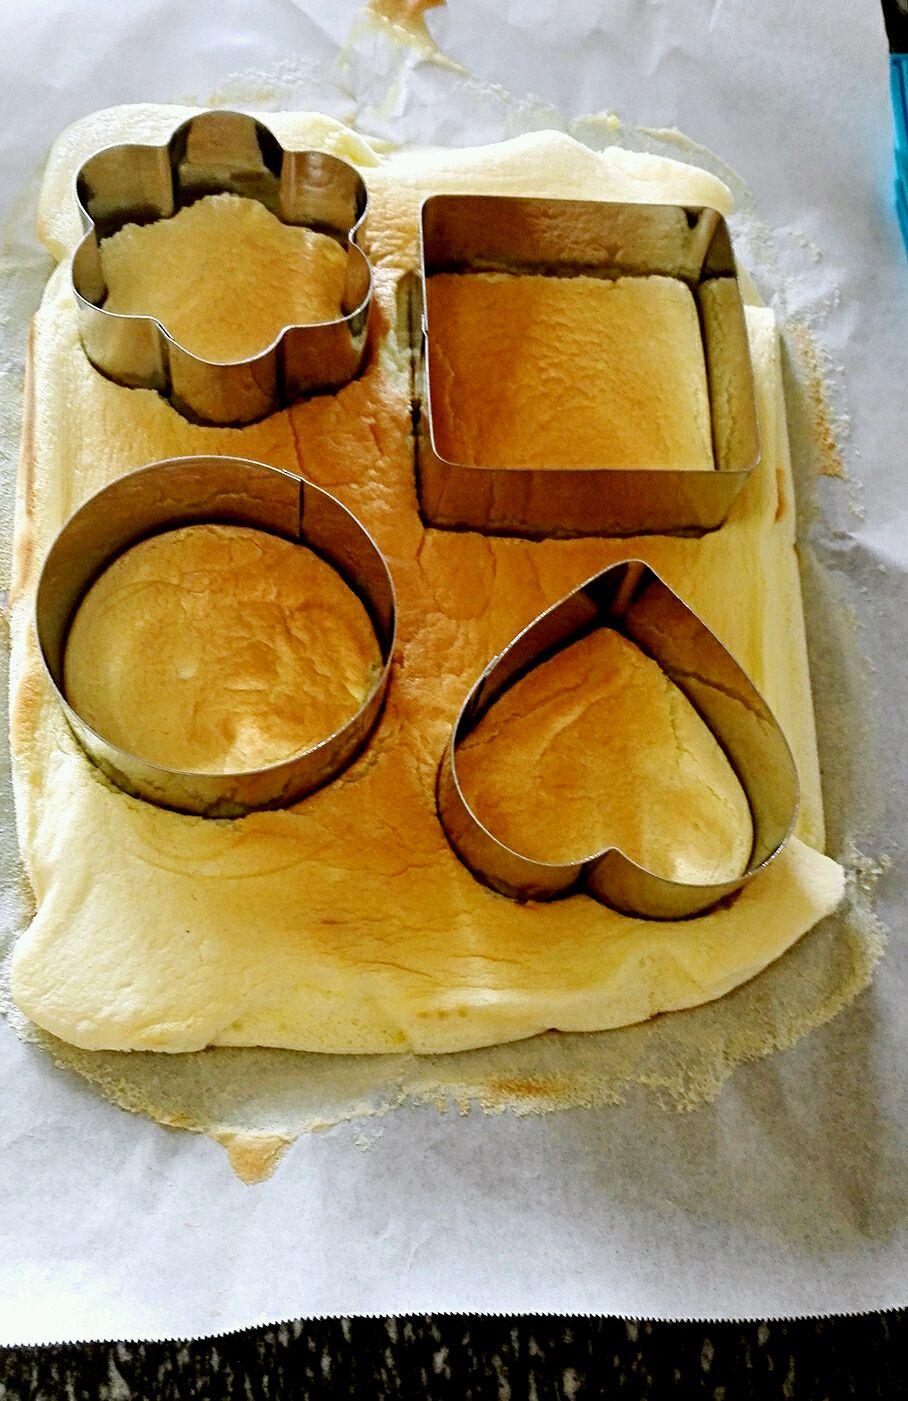 慕斯蛋糕的做法步骤